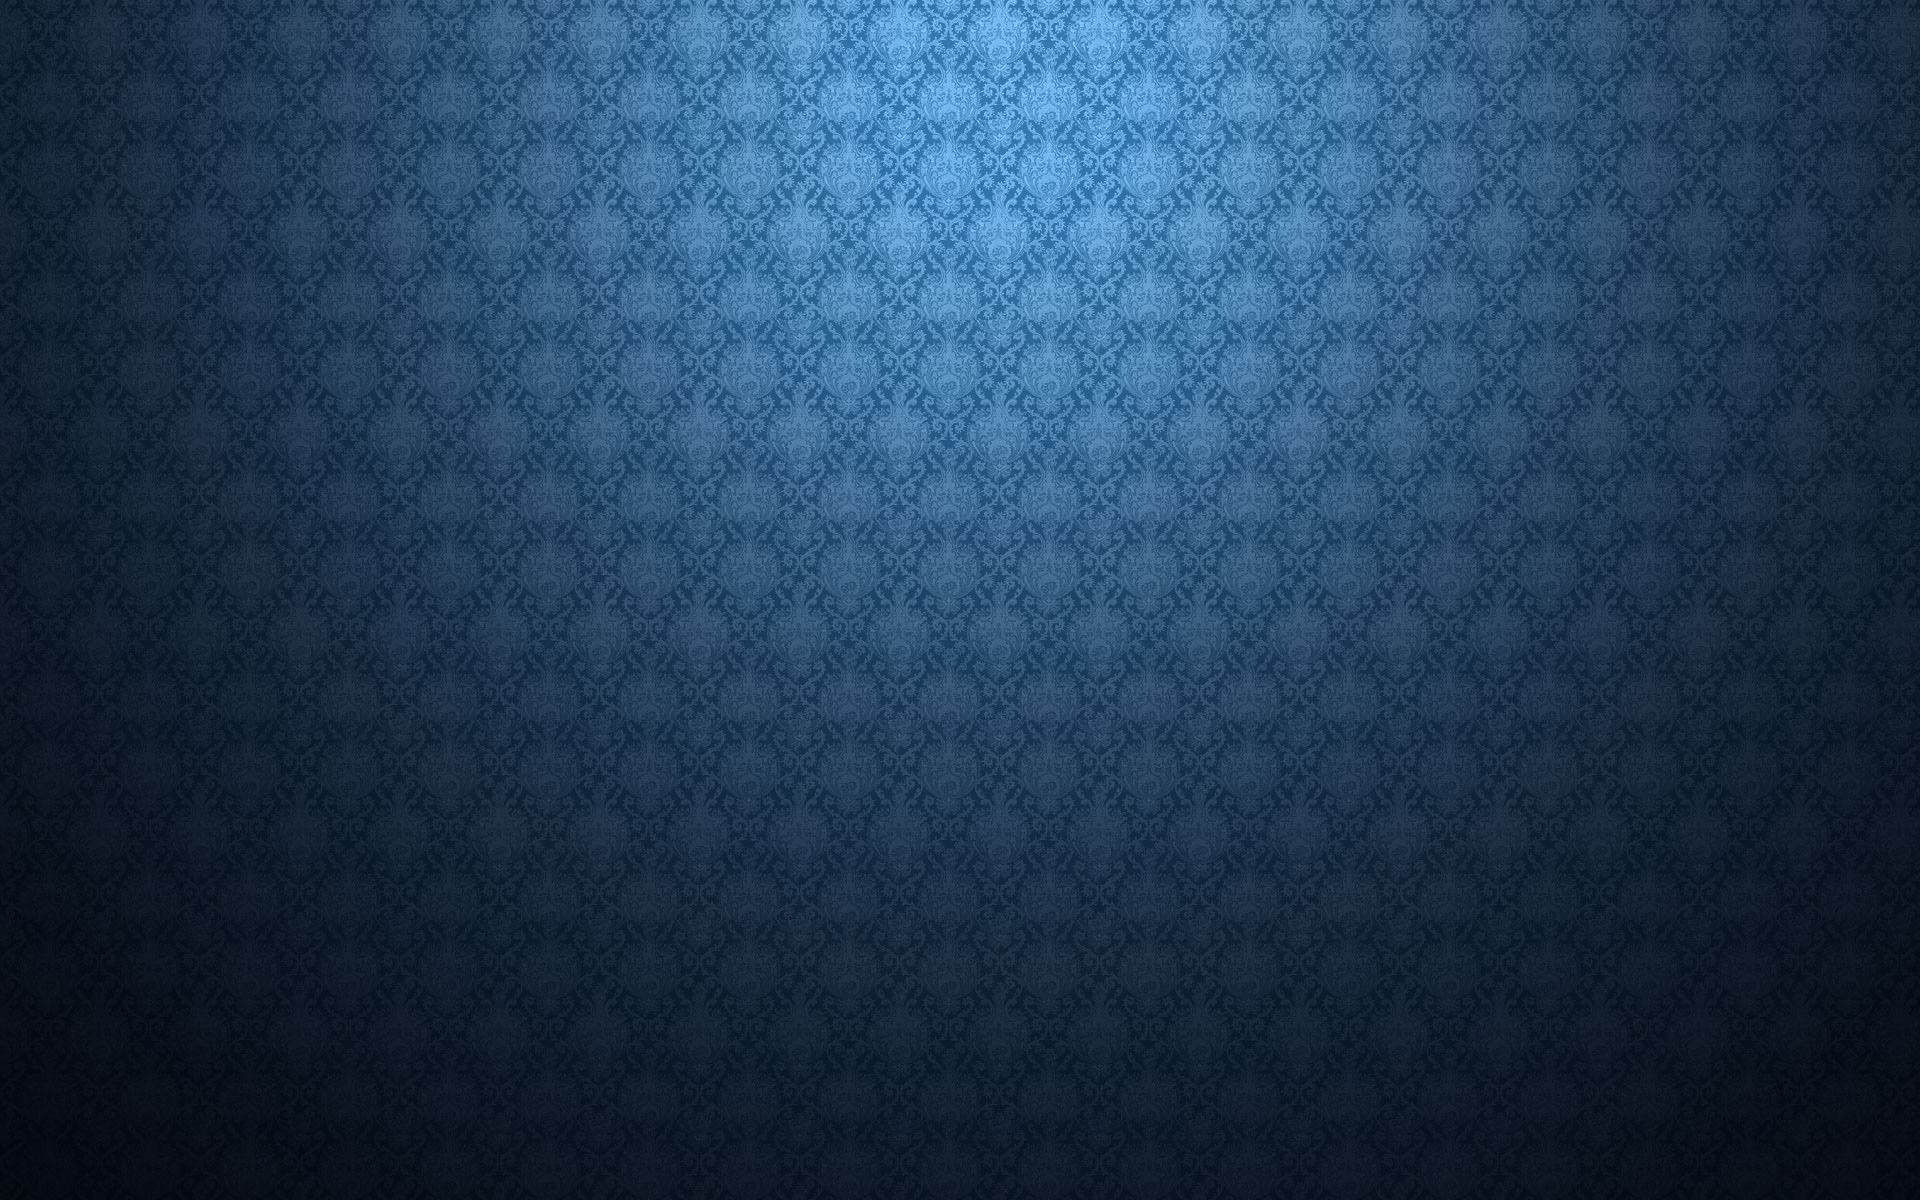 Синие обои фото